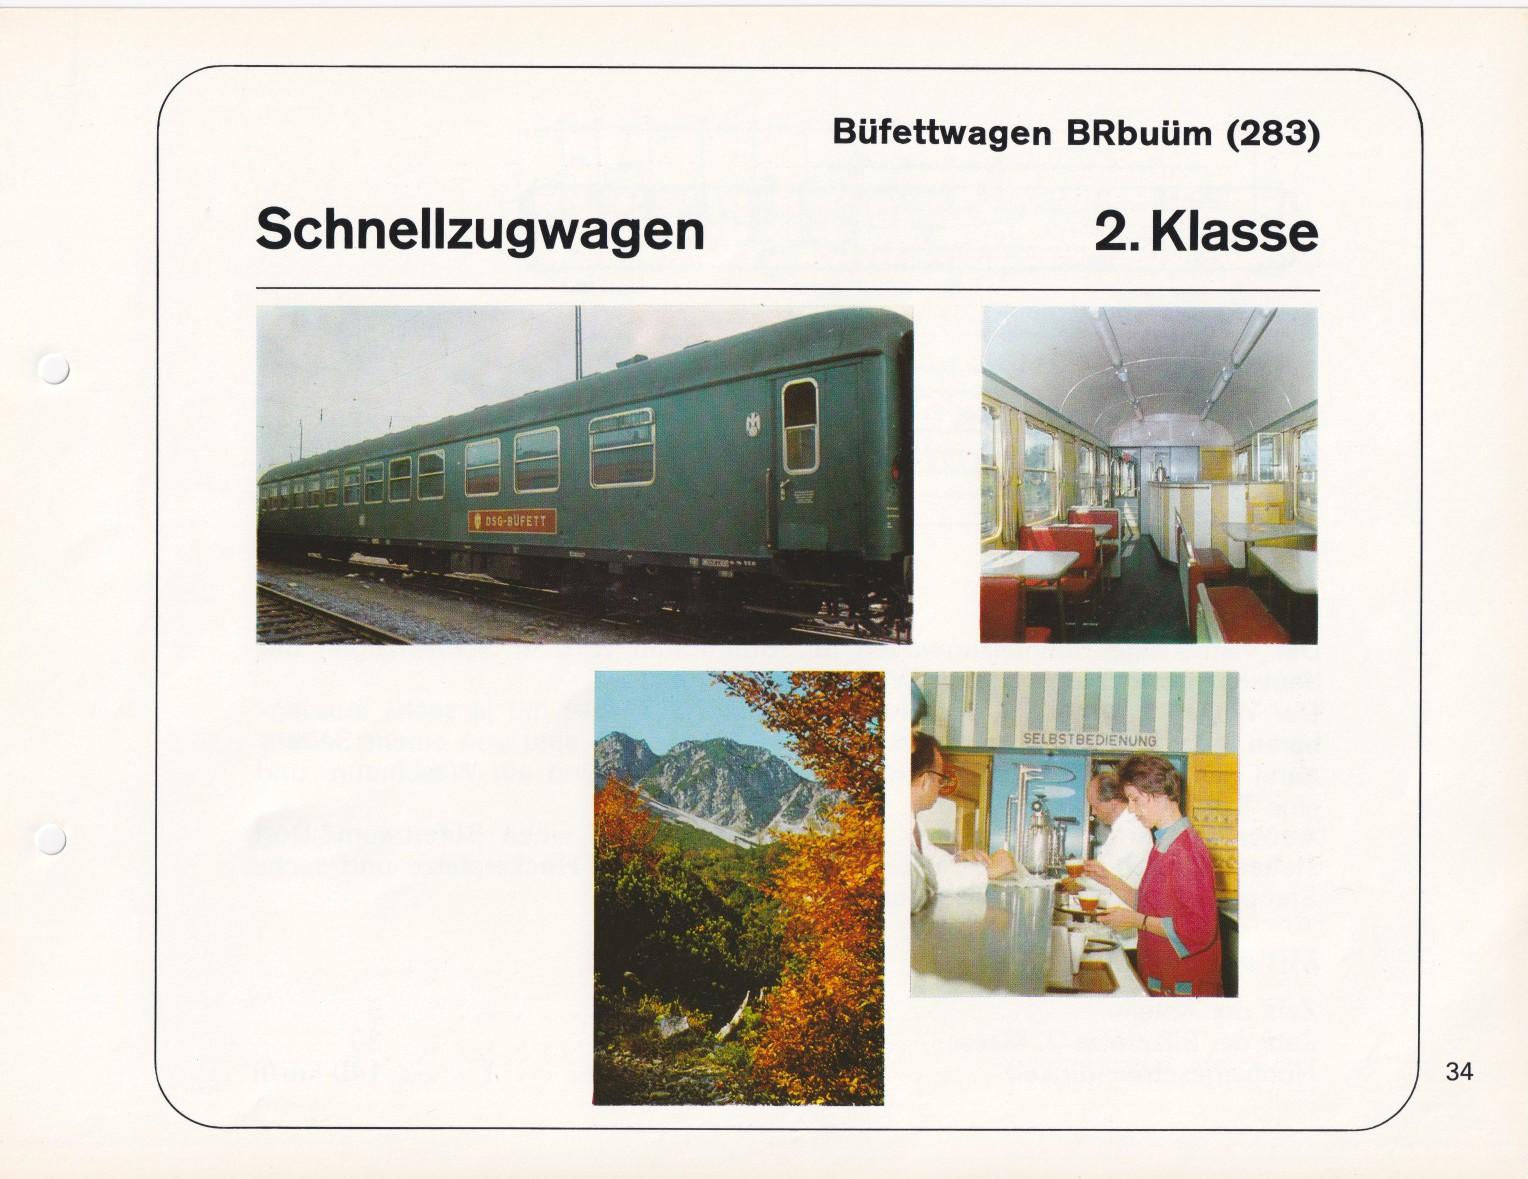 https://www.nullclub.de/hifo/Fahrzeuglexikon/Wagen34a.jpg